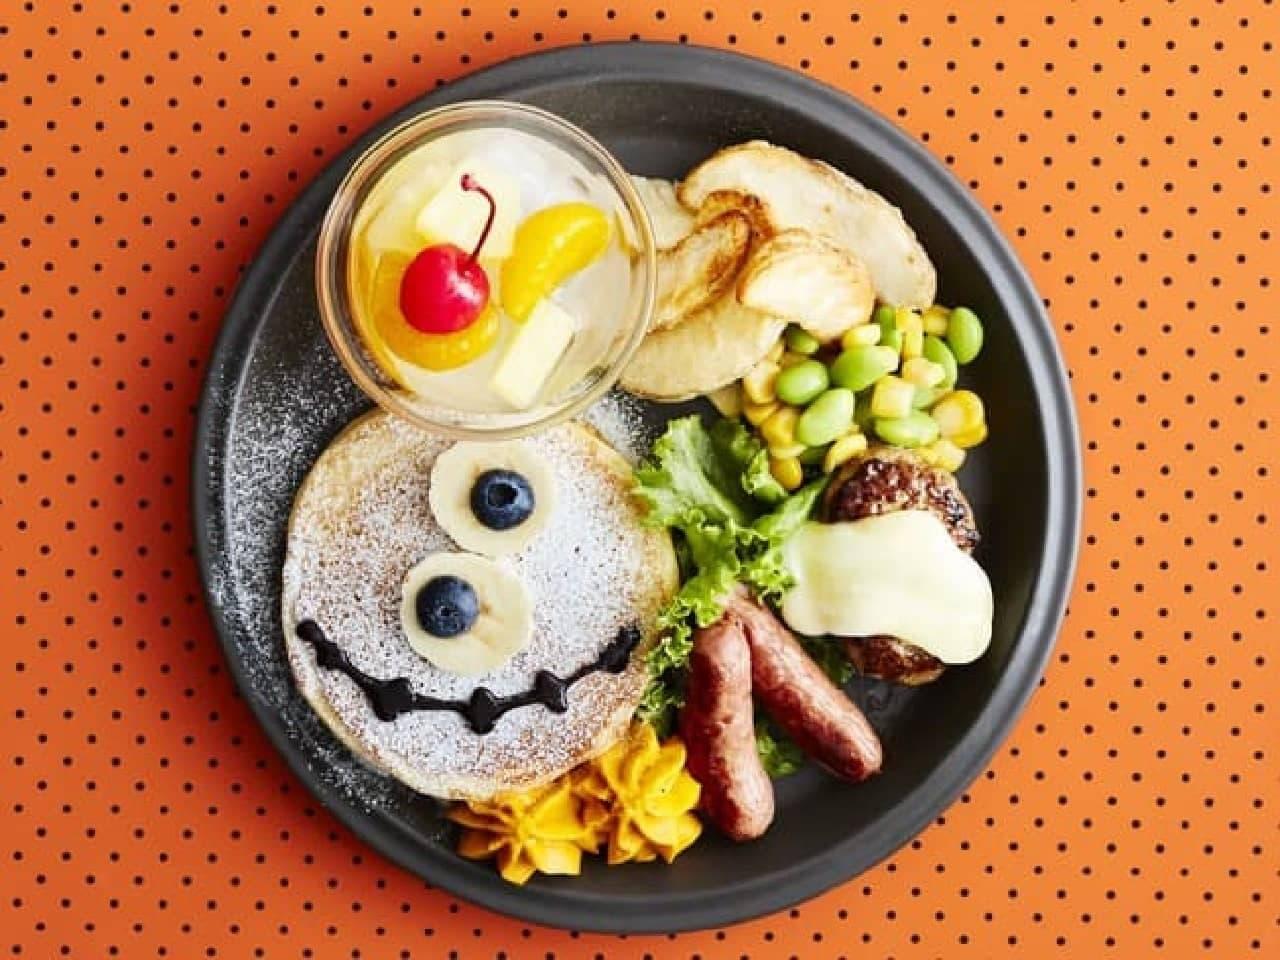 J.S. PANCAKE CAFE「ハロウィンキッズパンケーキ」